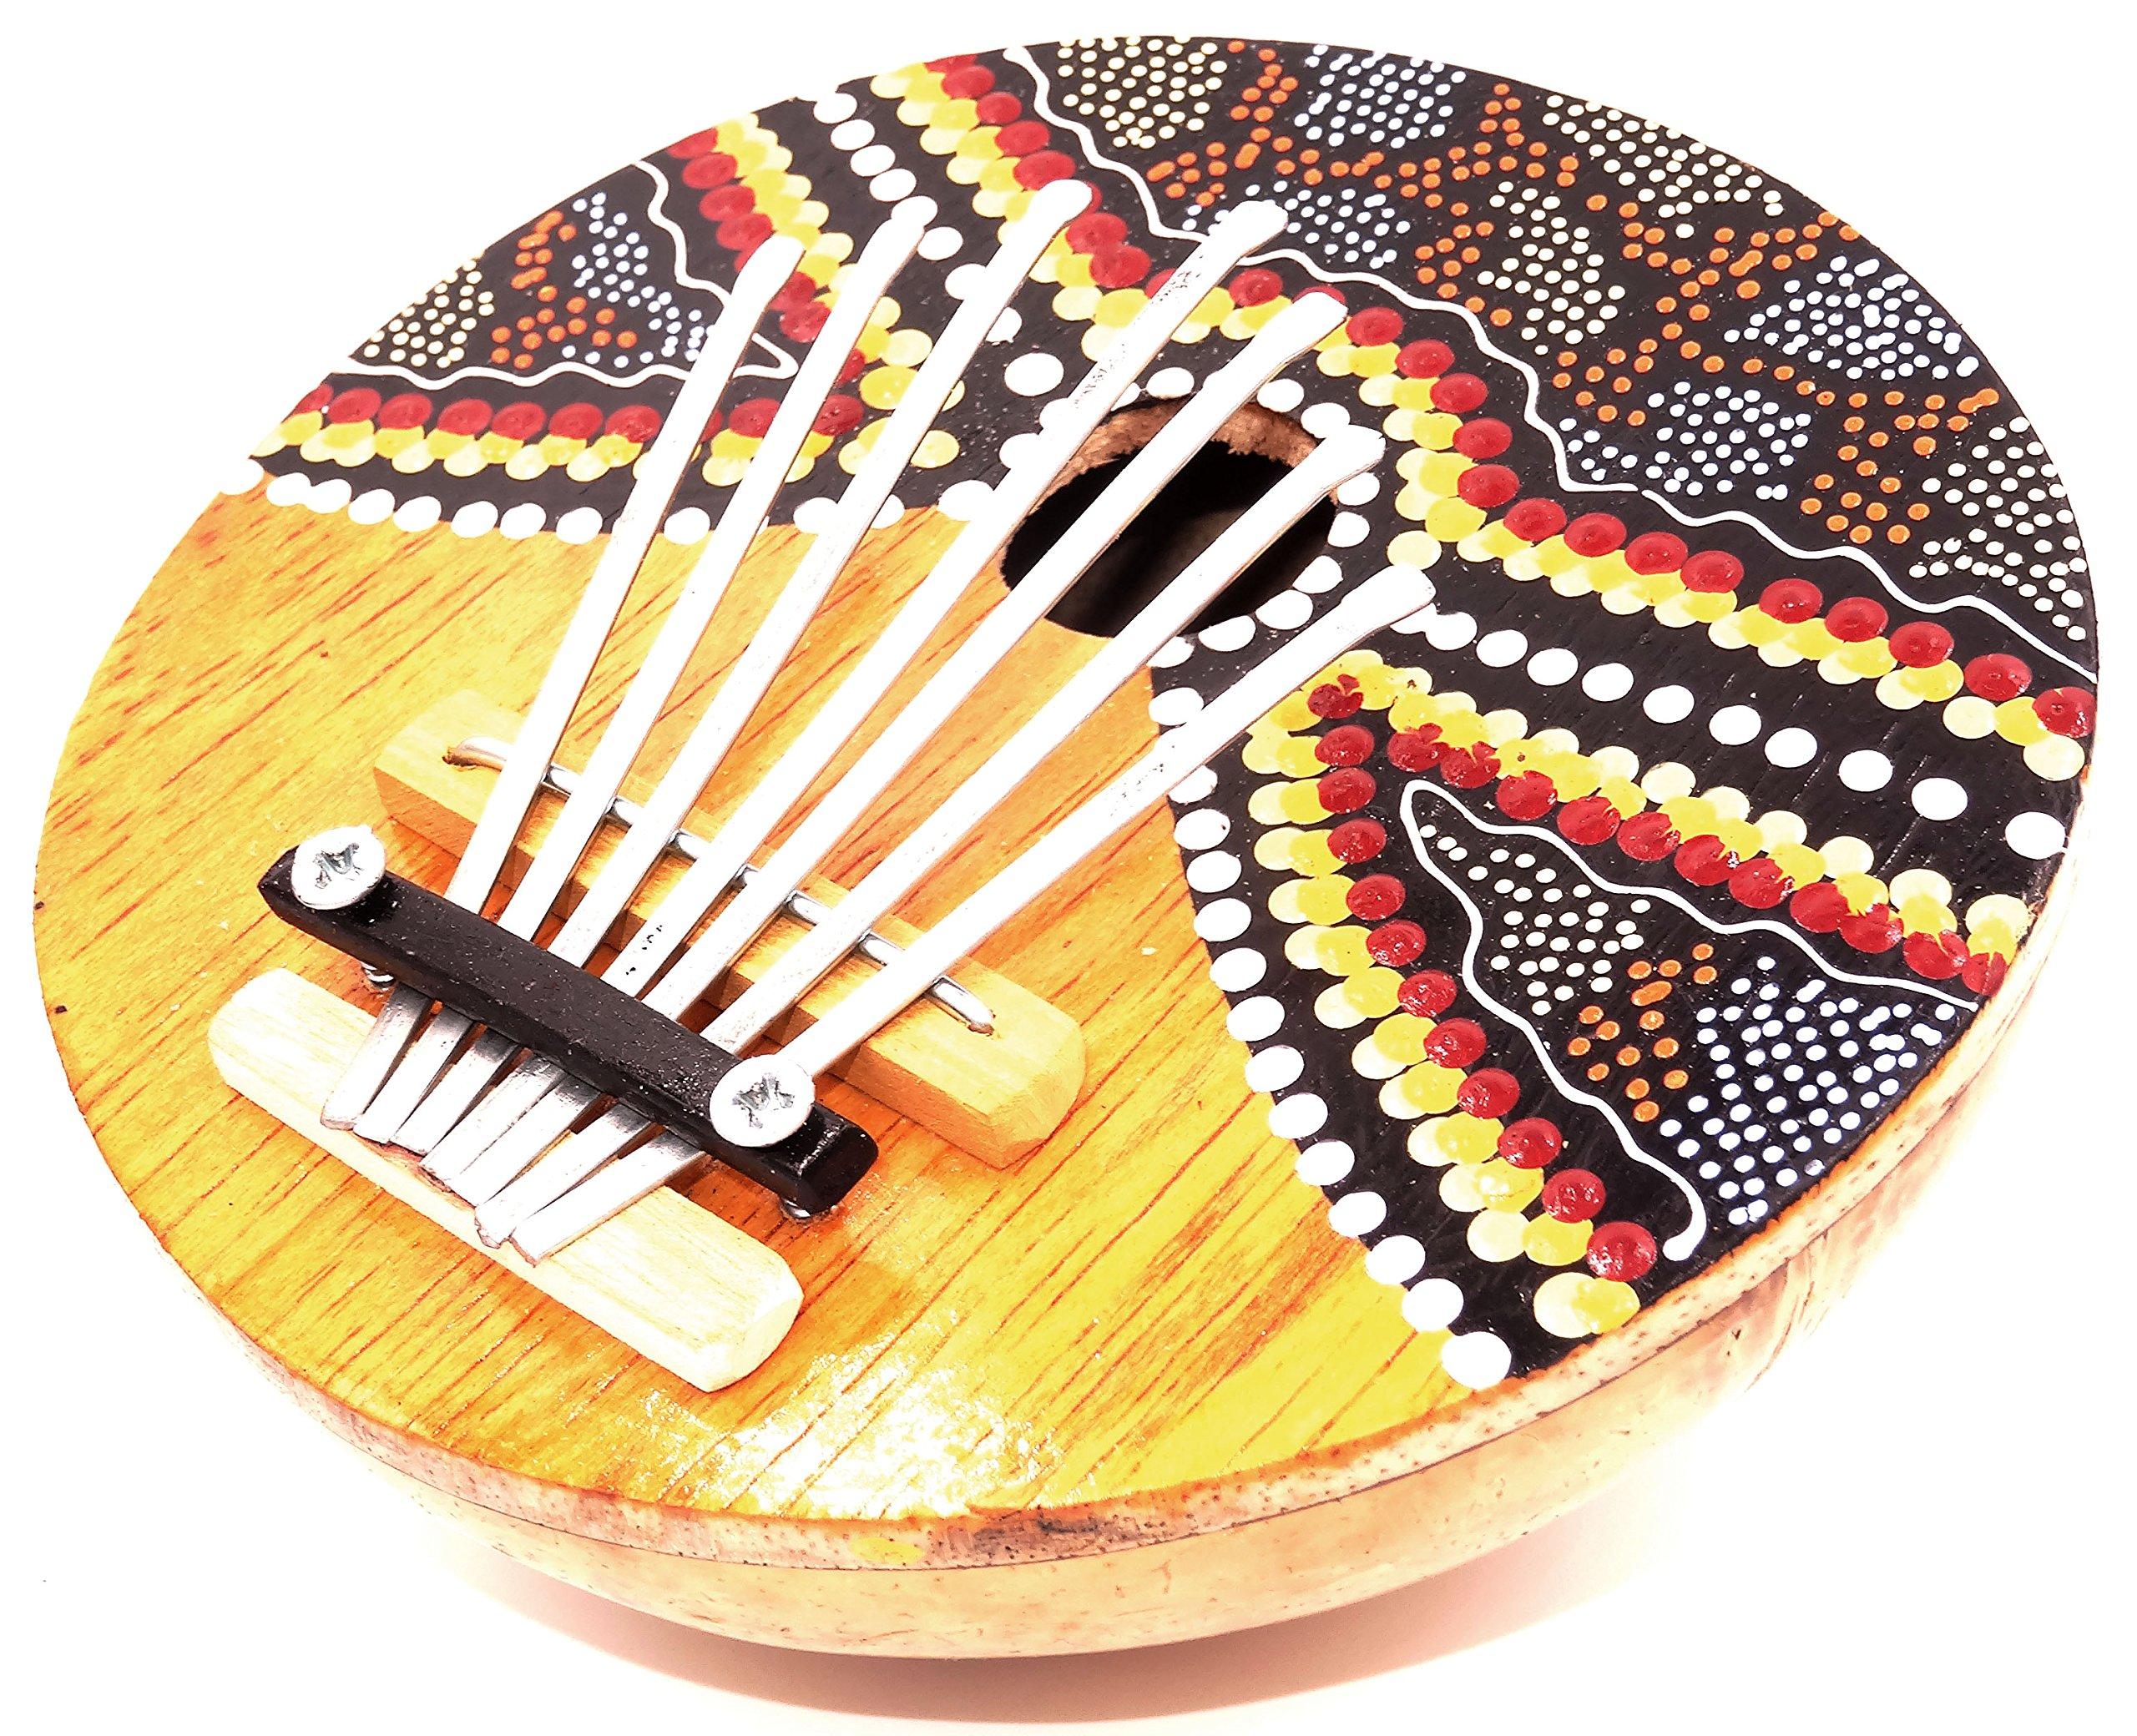 Karimba Kalimba Chitarra Pianoforte a pollice Sanza Cocco strumento musica Aborigeno da parati Finge